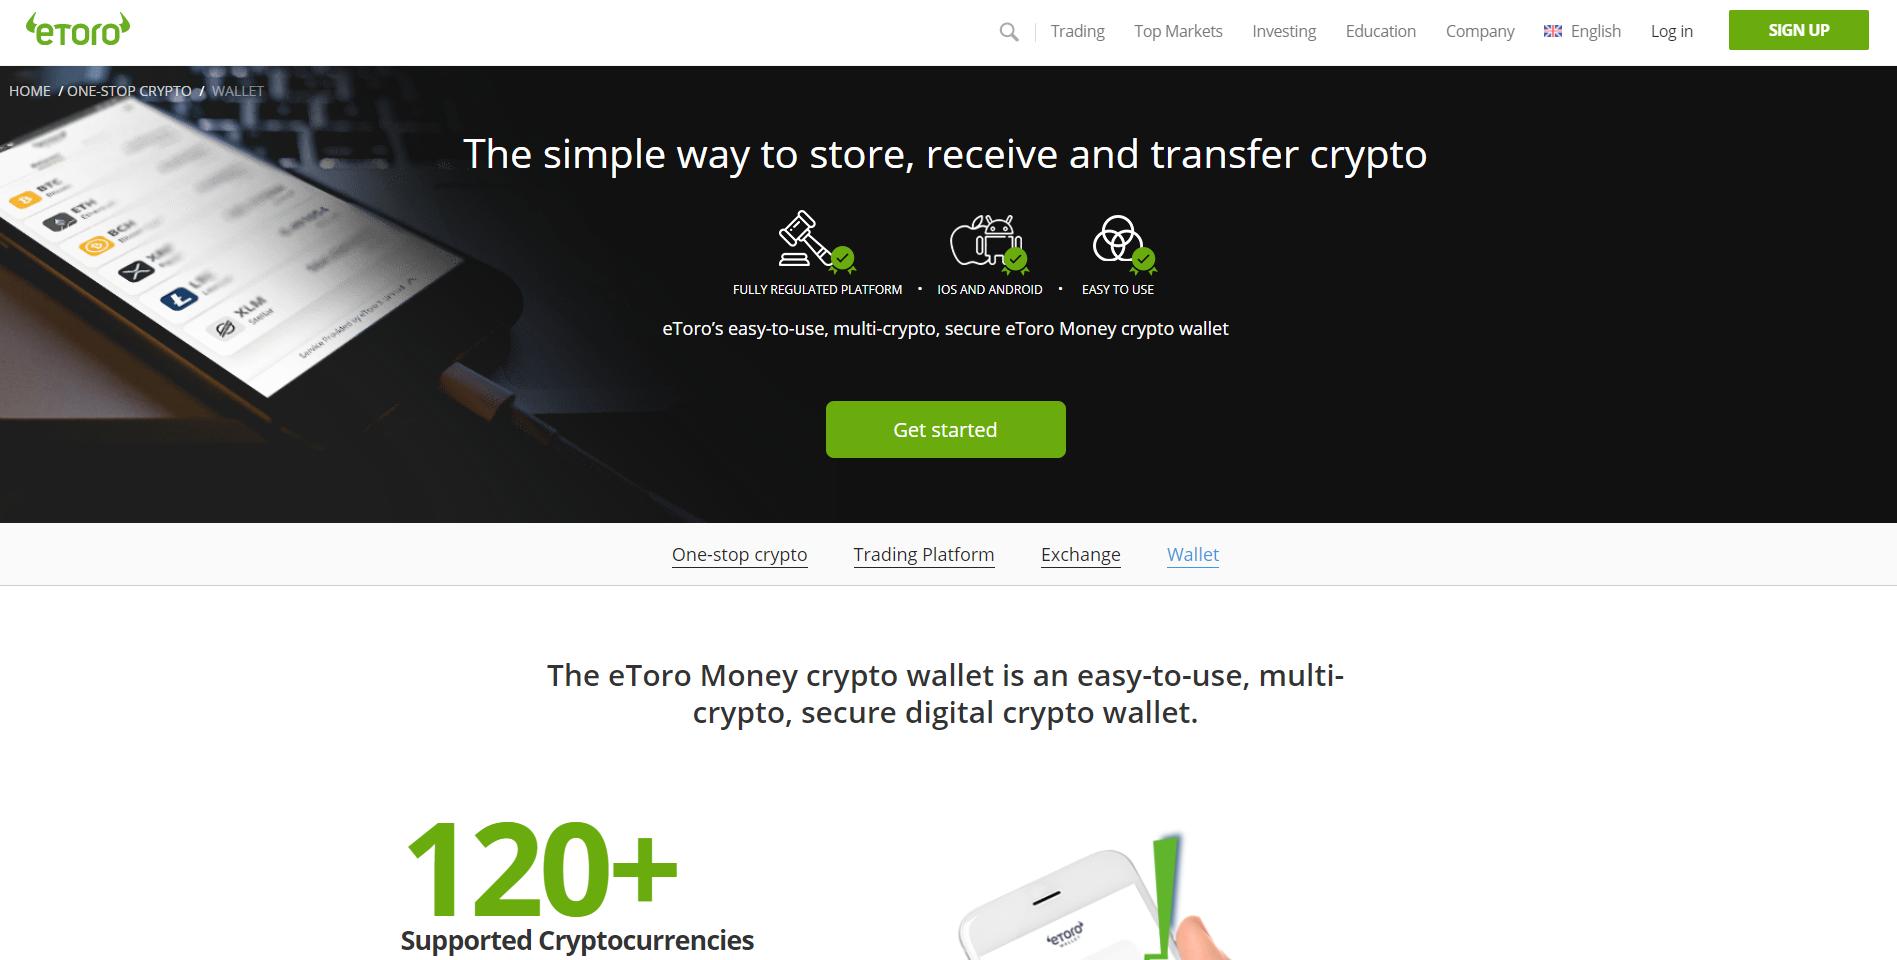 Oficiální stránky peněženky Etoro